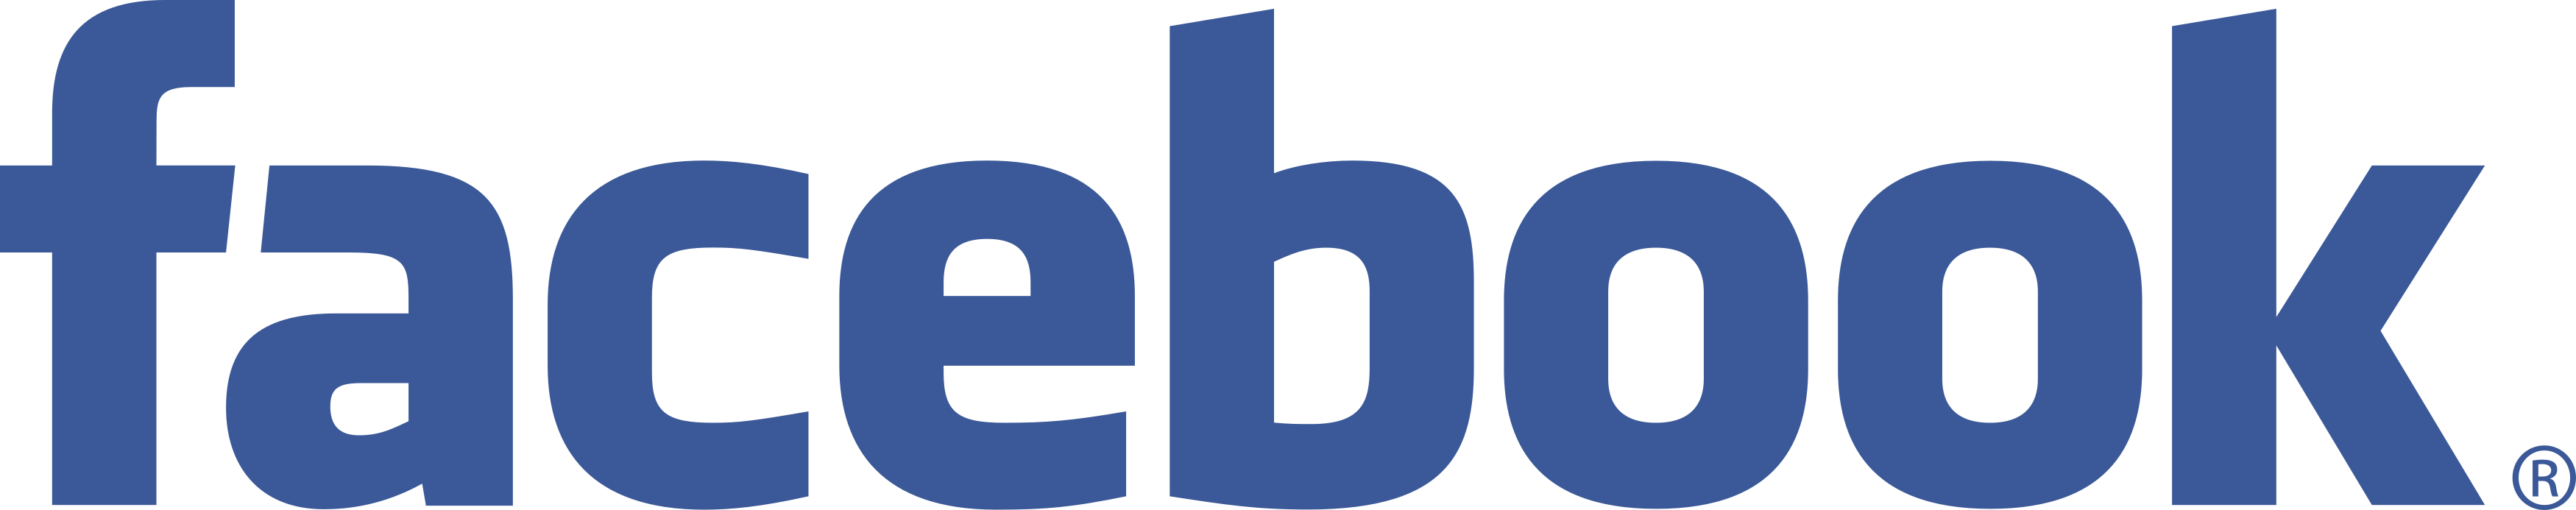 facebook logo 1 1 - Facebook Logo